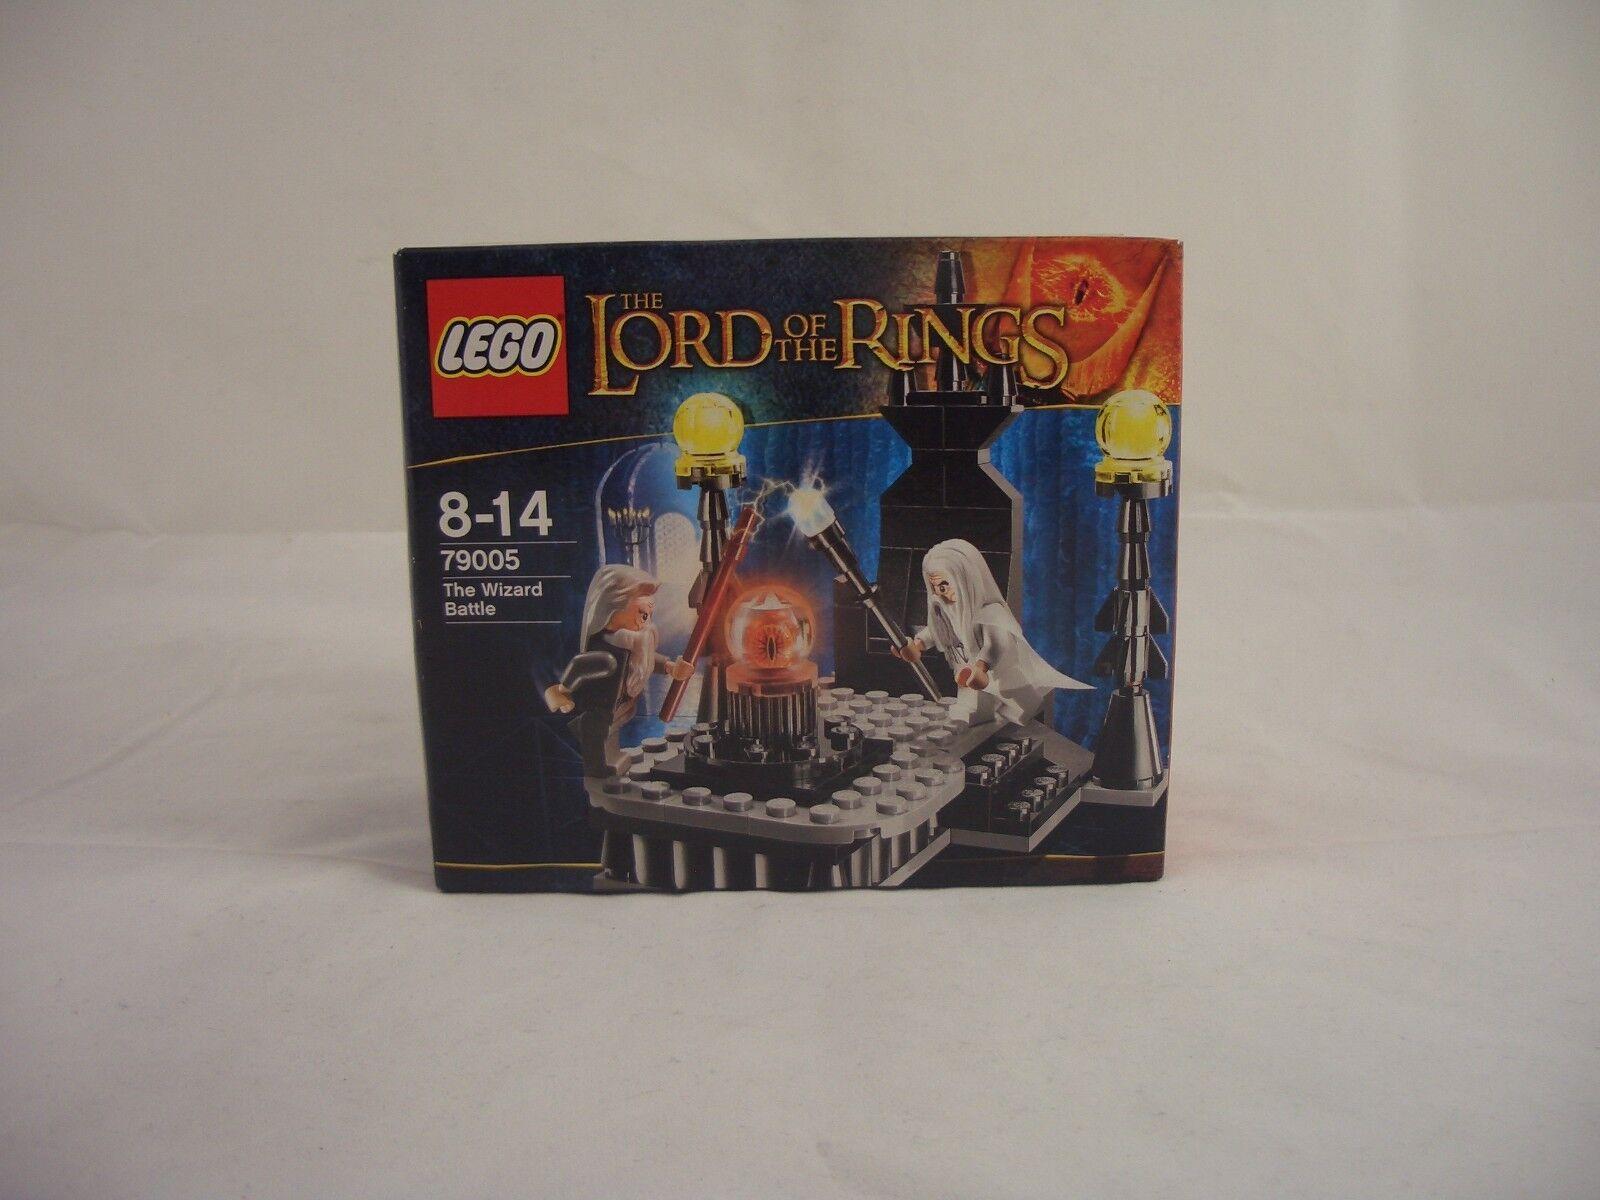 Lego le seigneur seigneur seigneur des anneaux 79005 le sorcier bataille new sealed 90db1a